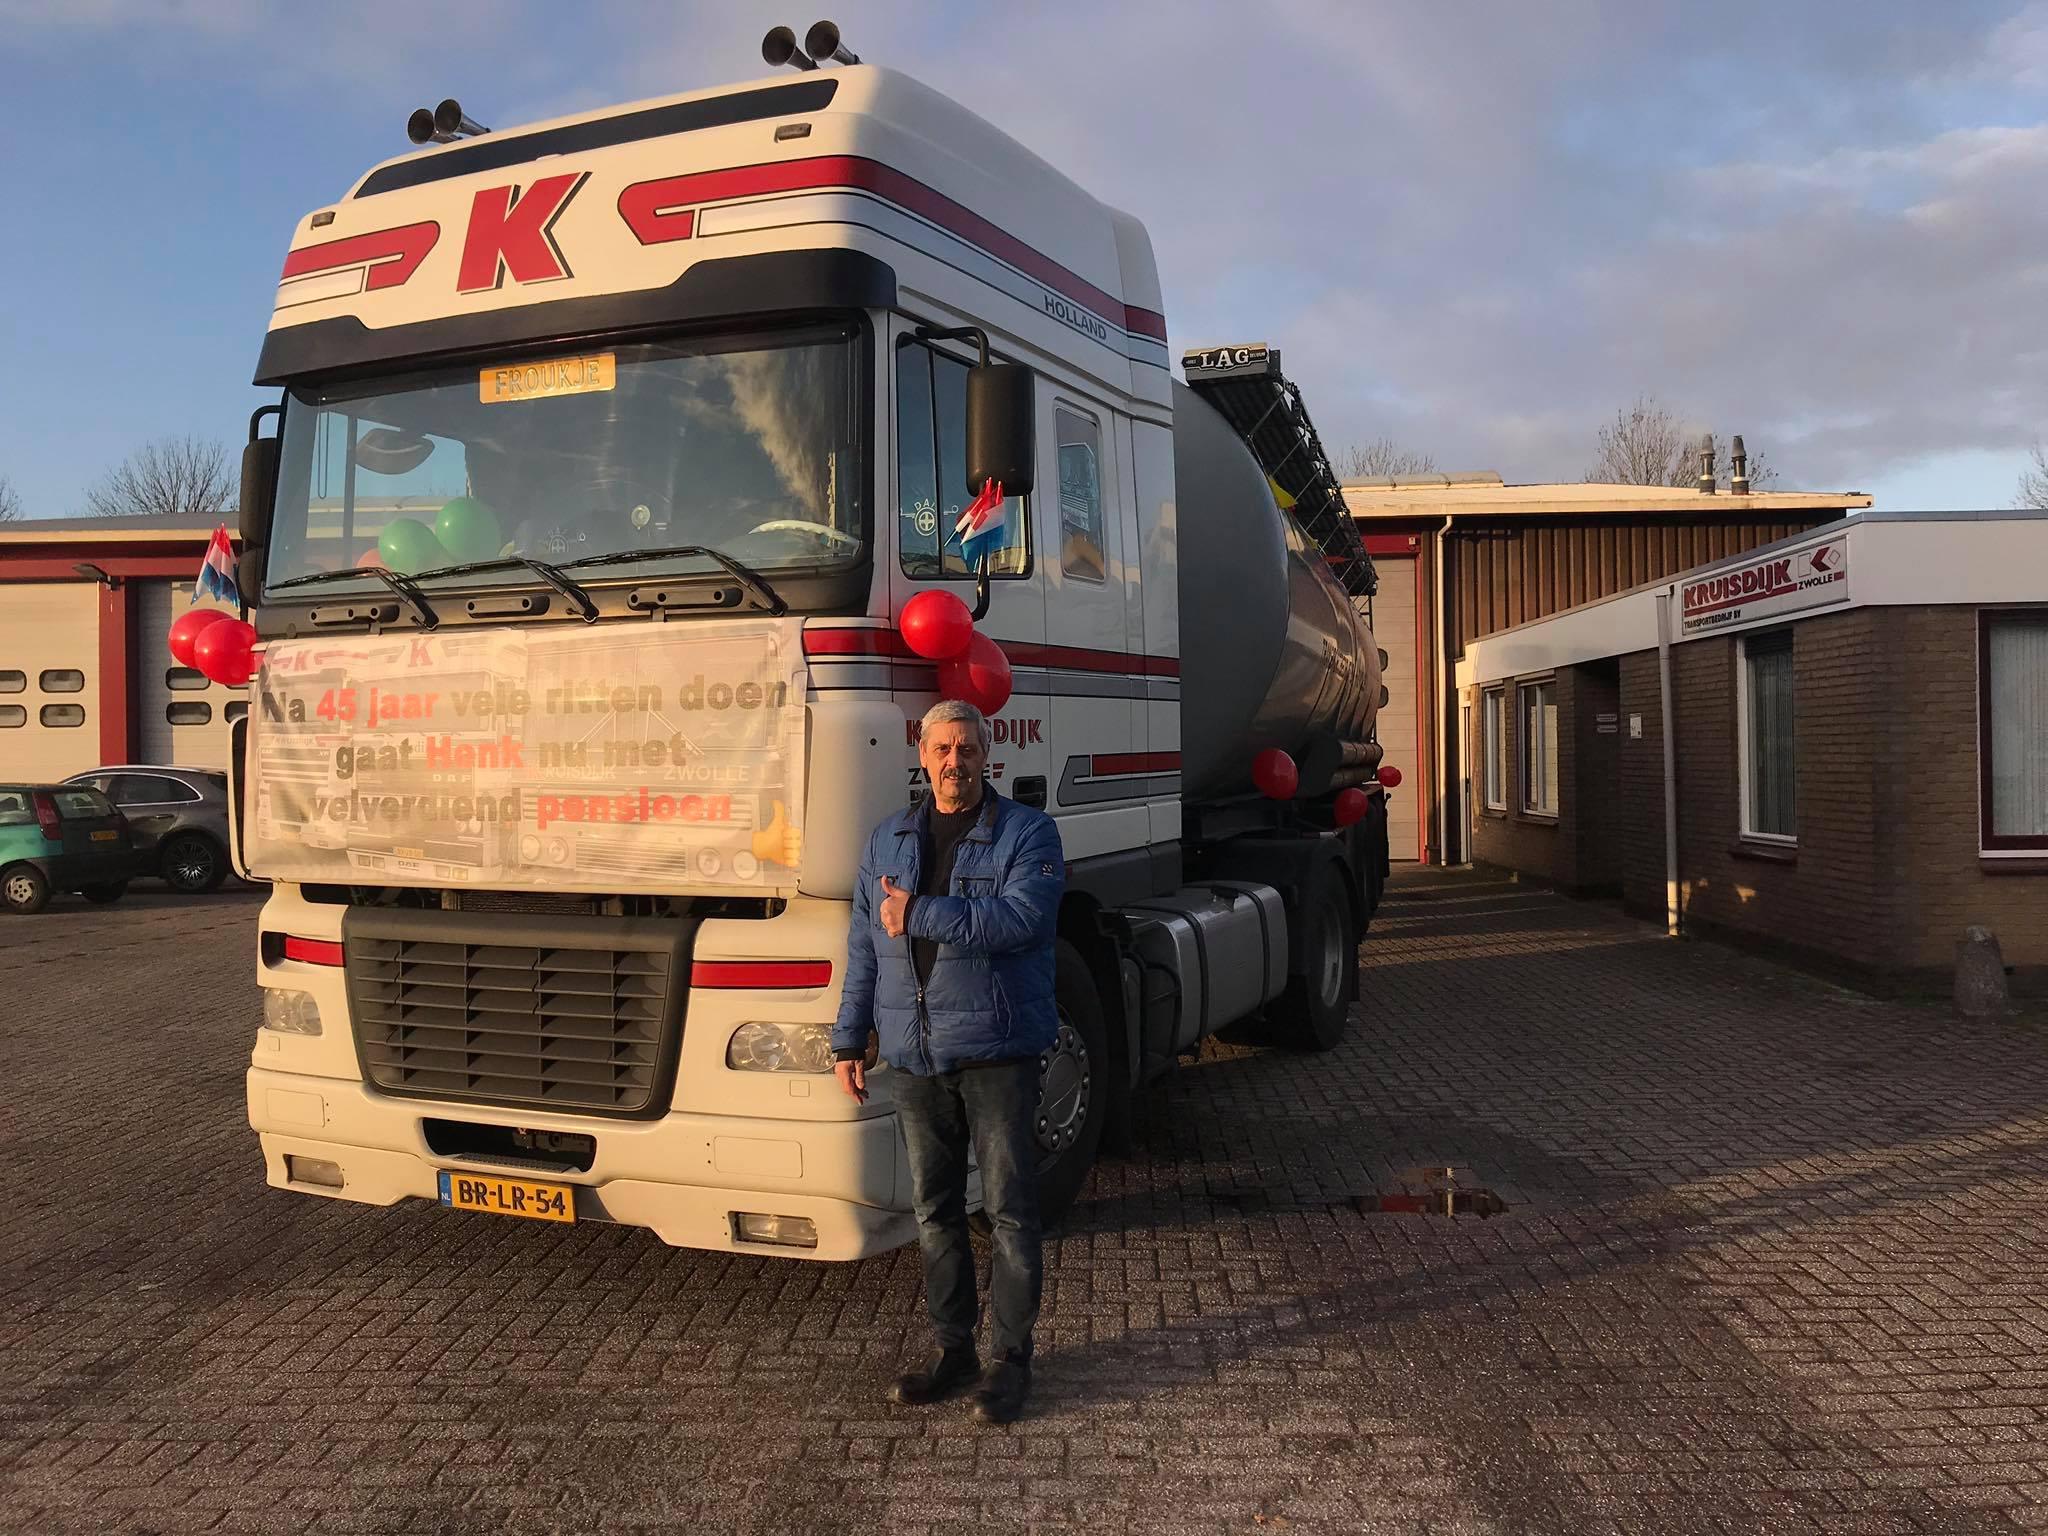 29-11-2019-Na-45-jaar-als-chauffeur-is-vandaag-de-laatste-officiele-werkdag-van-Henk-Schoemaker-Henk-bedankt-voor-alles-en-geniet----3